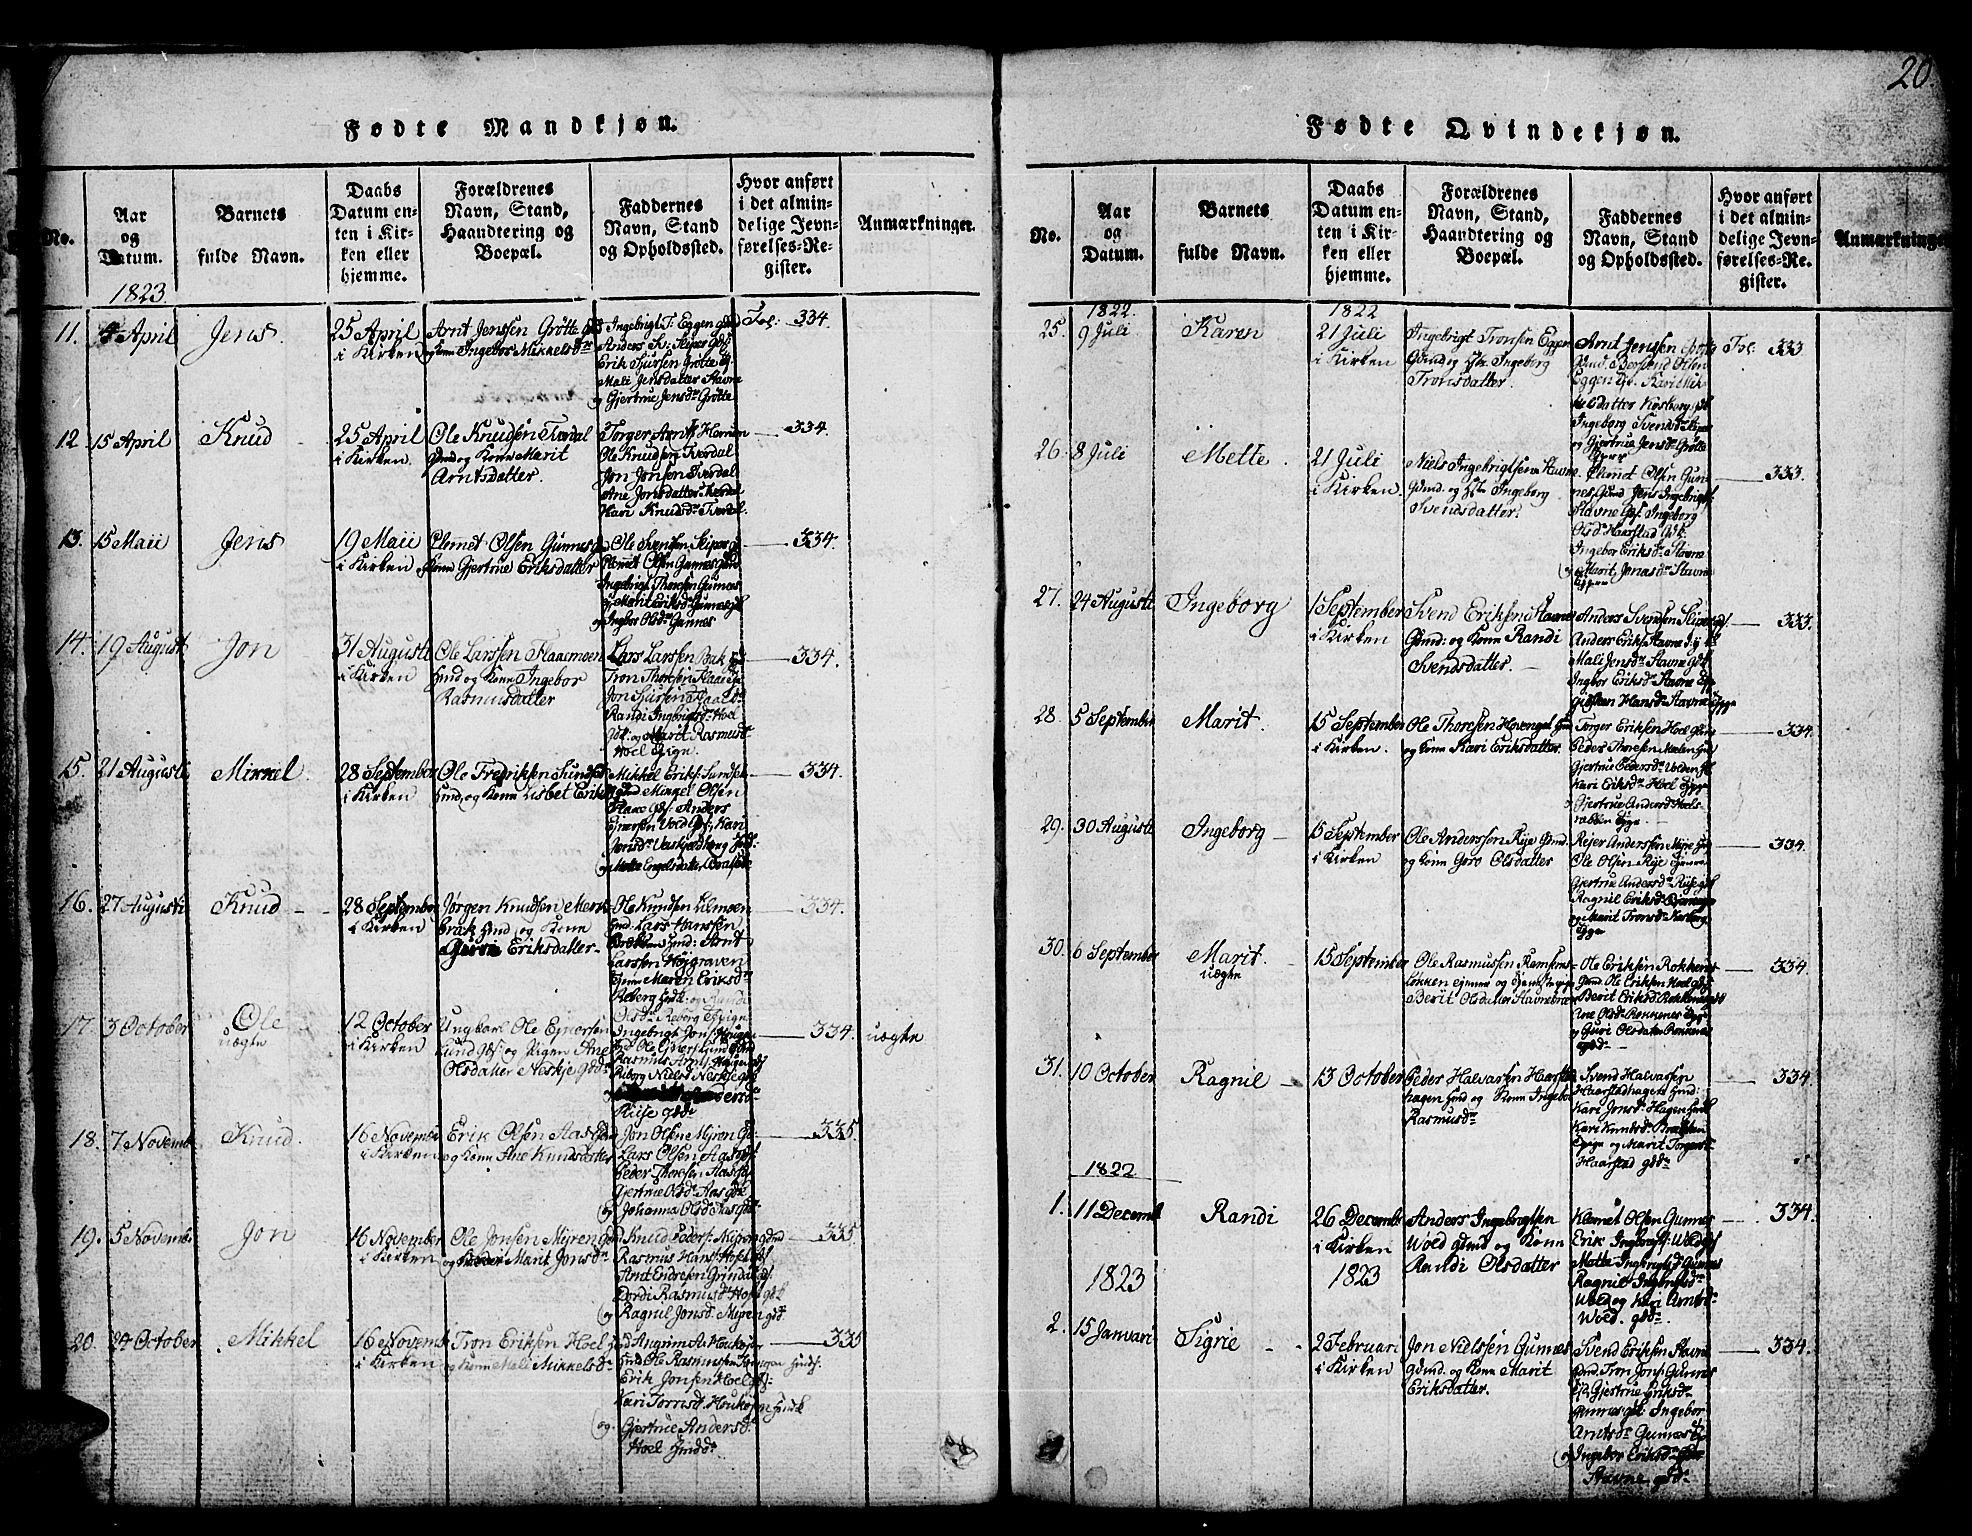 SAT, Ministerialprotokoller, klokkerbøker og fødselsregistre - Sør-Trøndelag, 674/L0874: Klokkerbok nr. 674C01, 1816-1860, s. 20